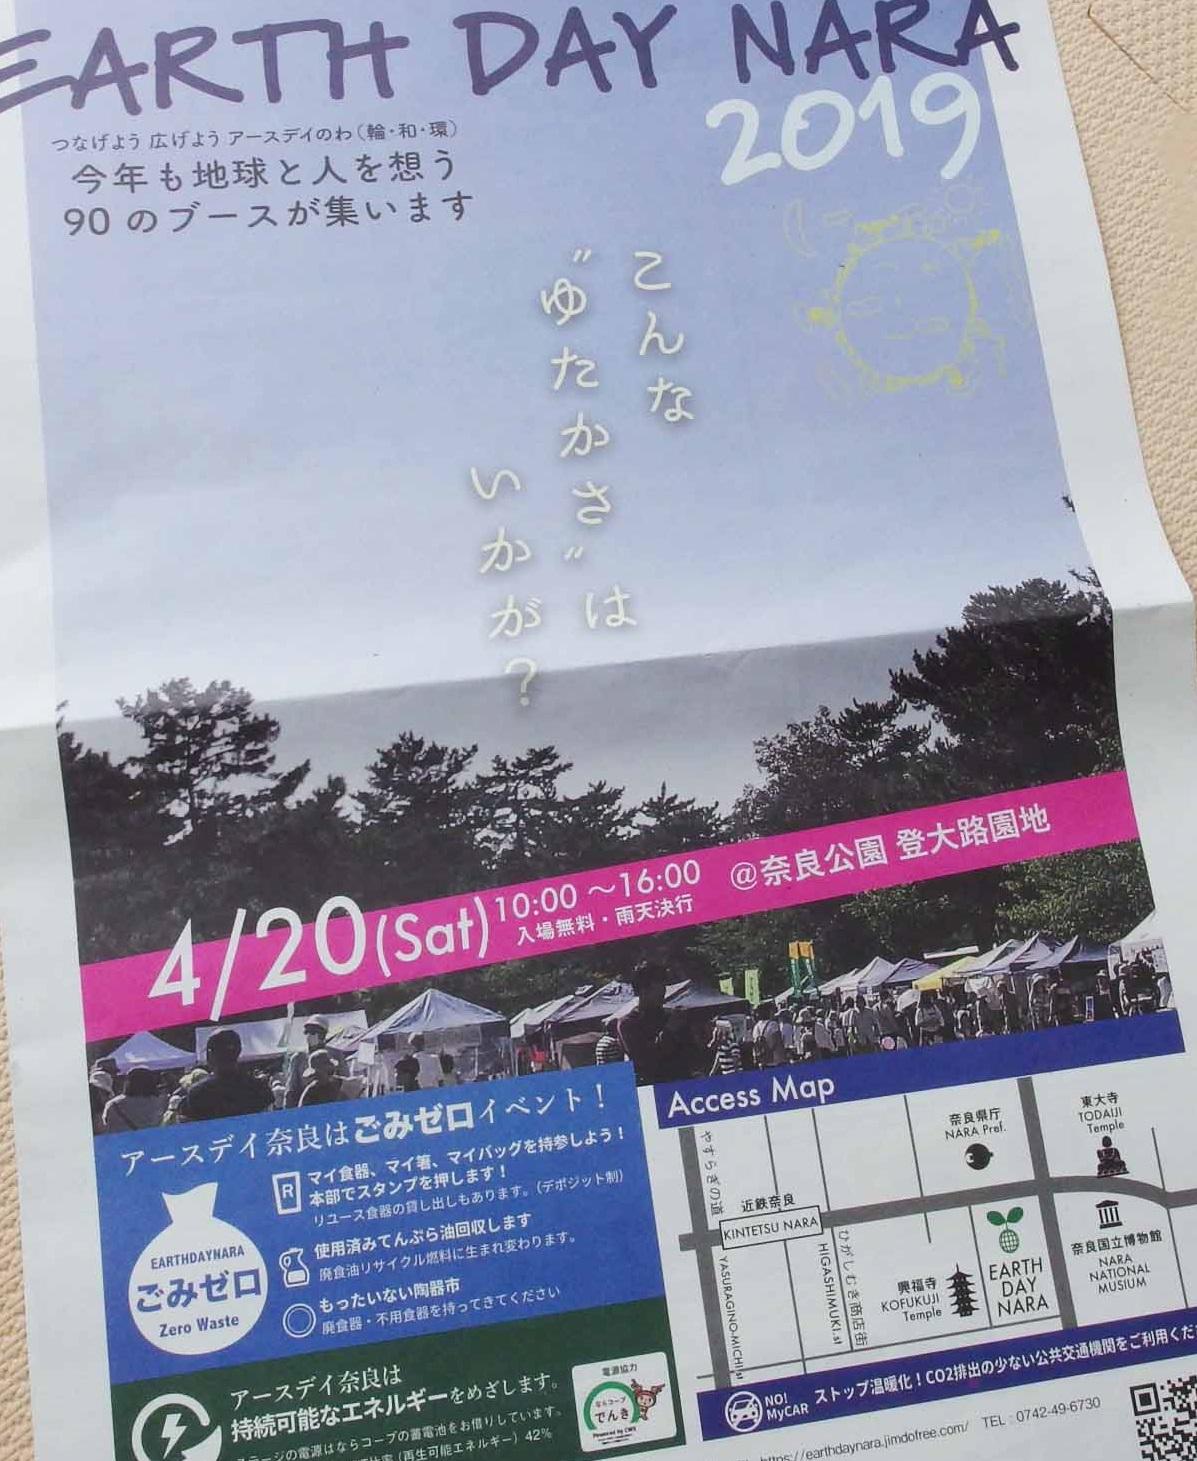 「アースデイ奈良2019」に行ってきました。